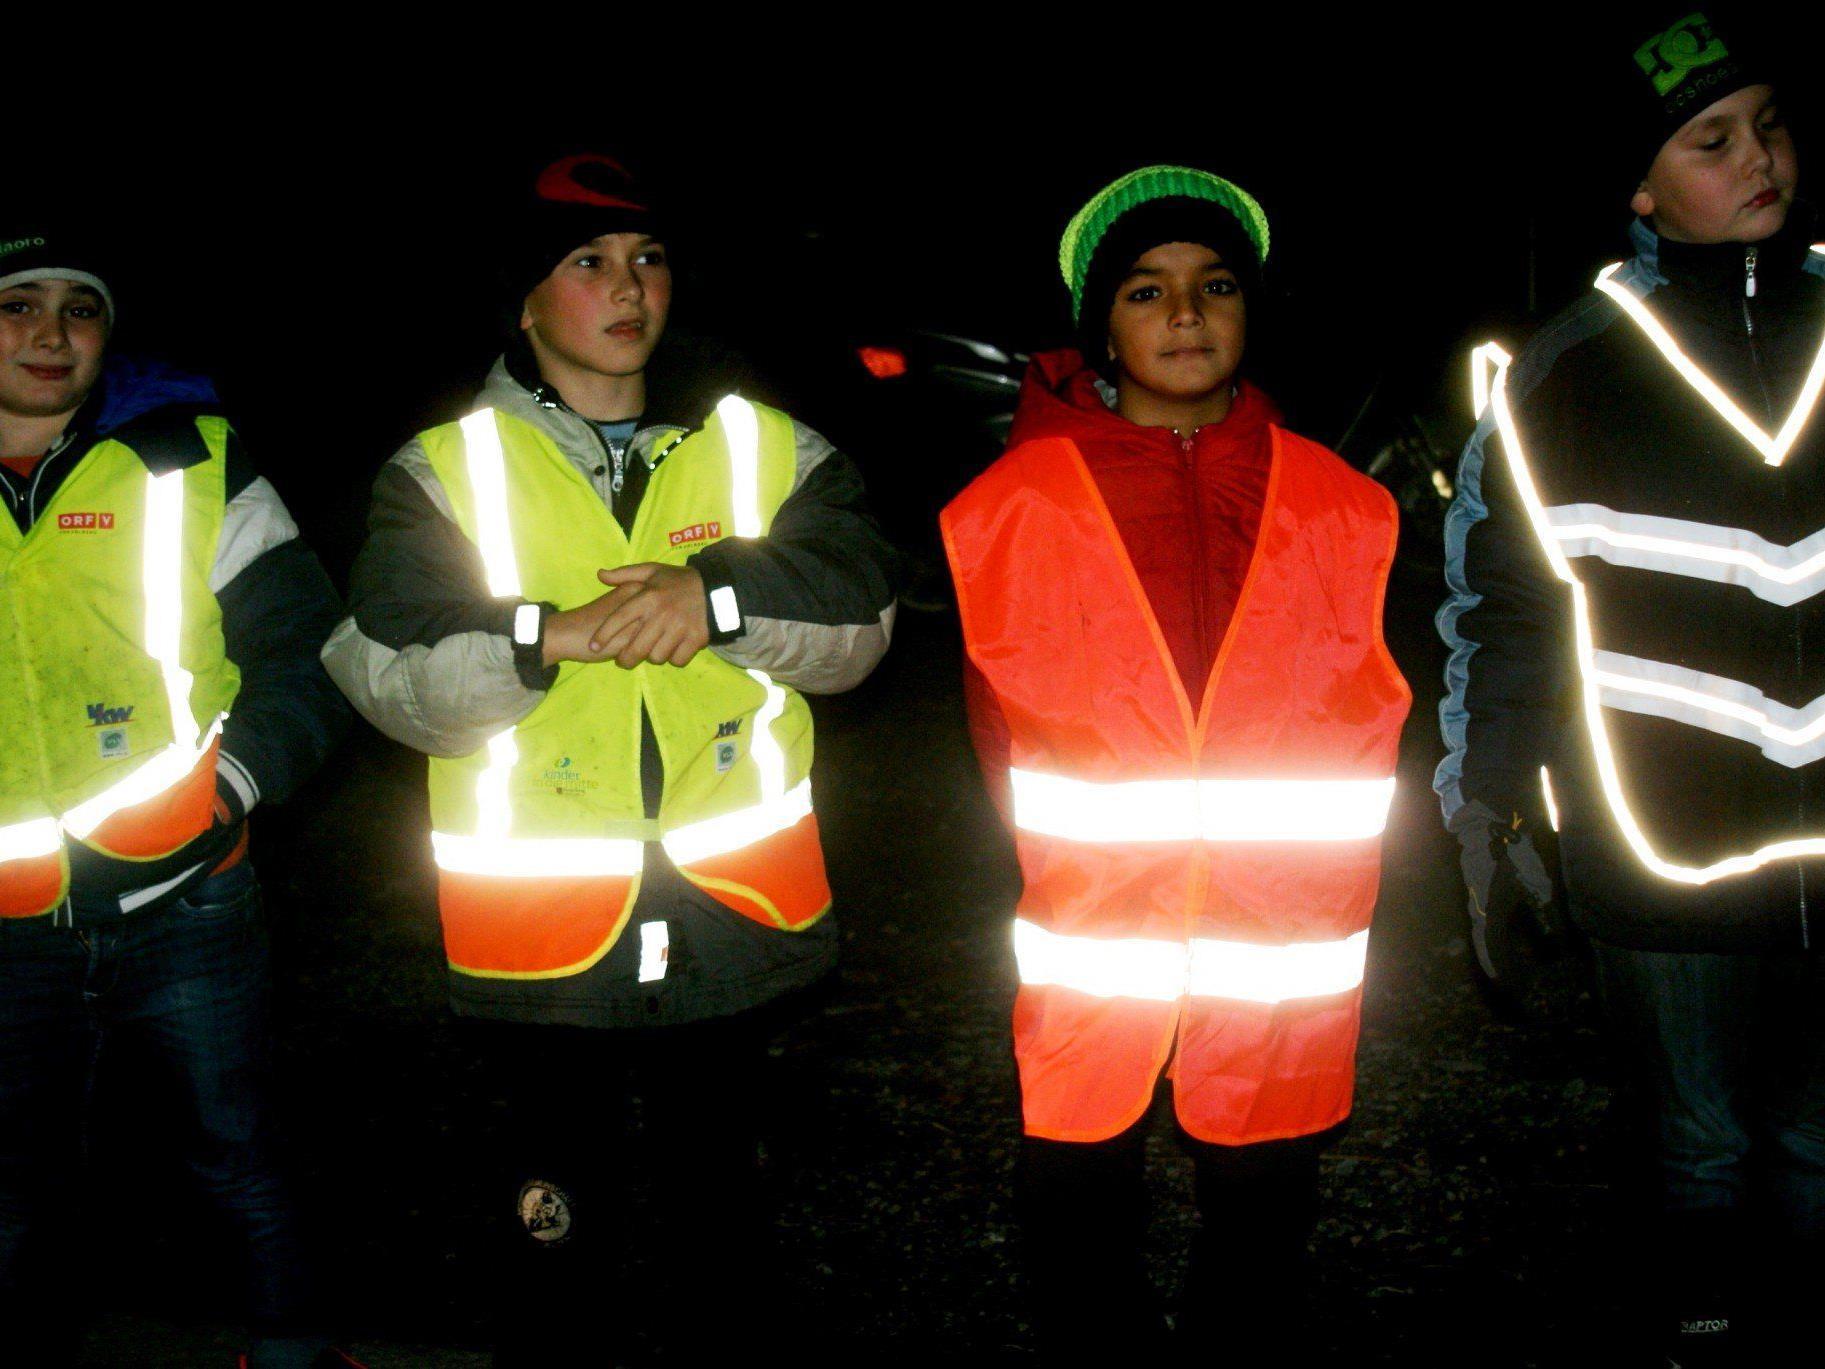 Reflektoren können leben retten